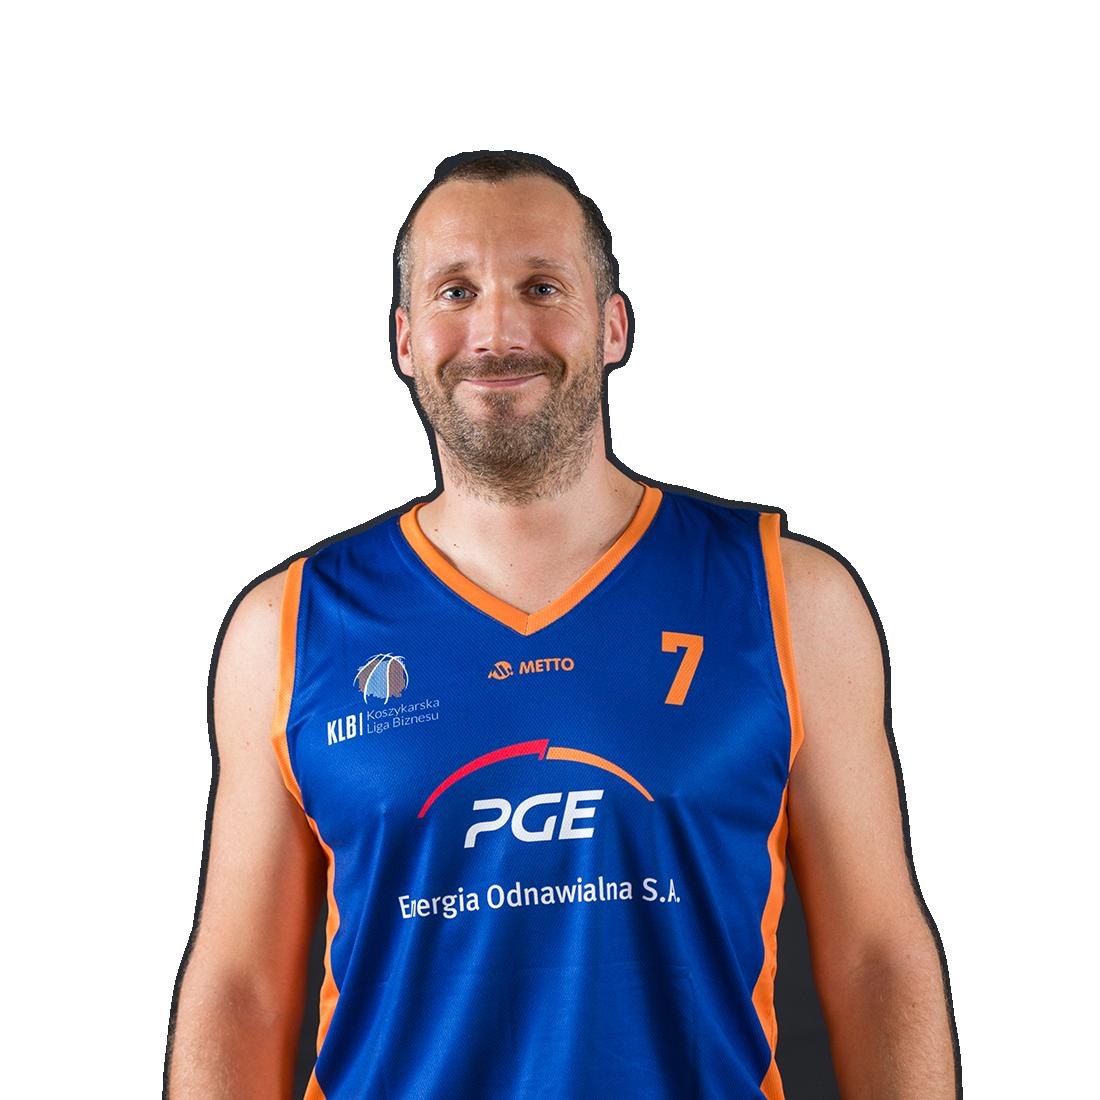 Szymon Kamiński-Dudek